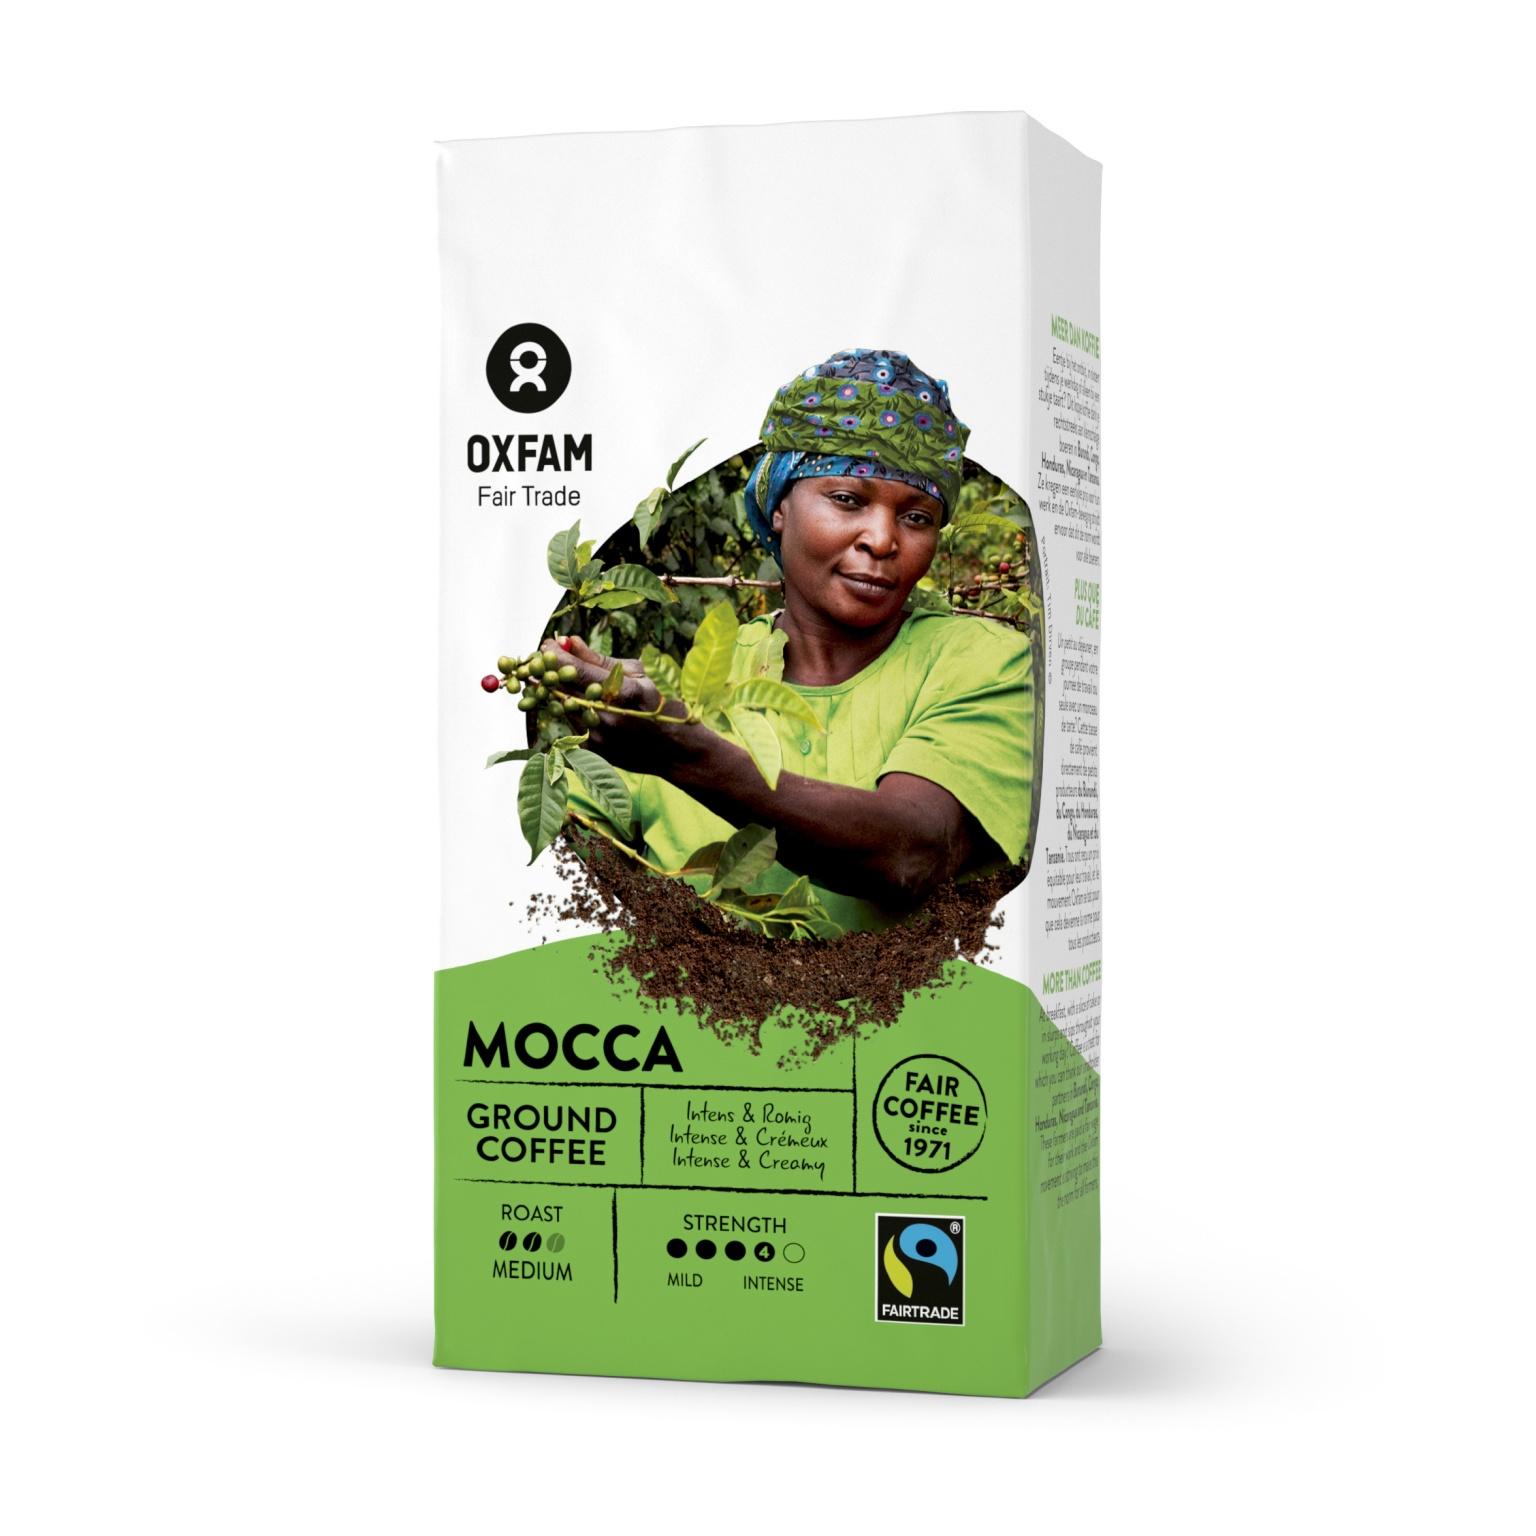 Oxfam Fair Trade 22024